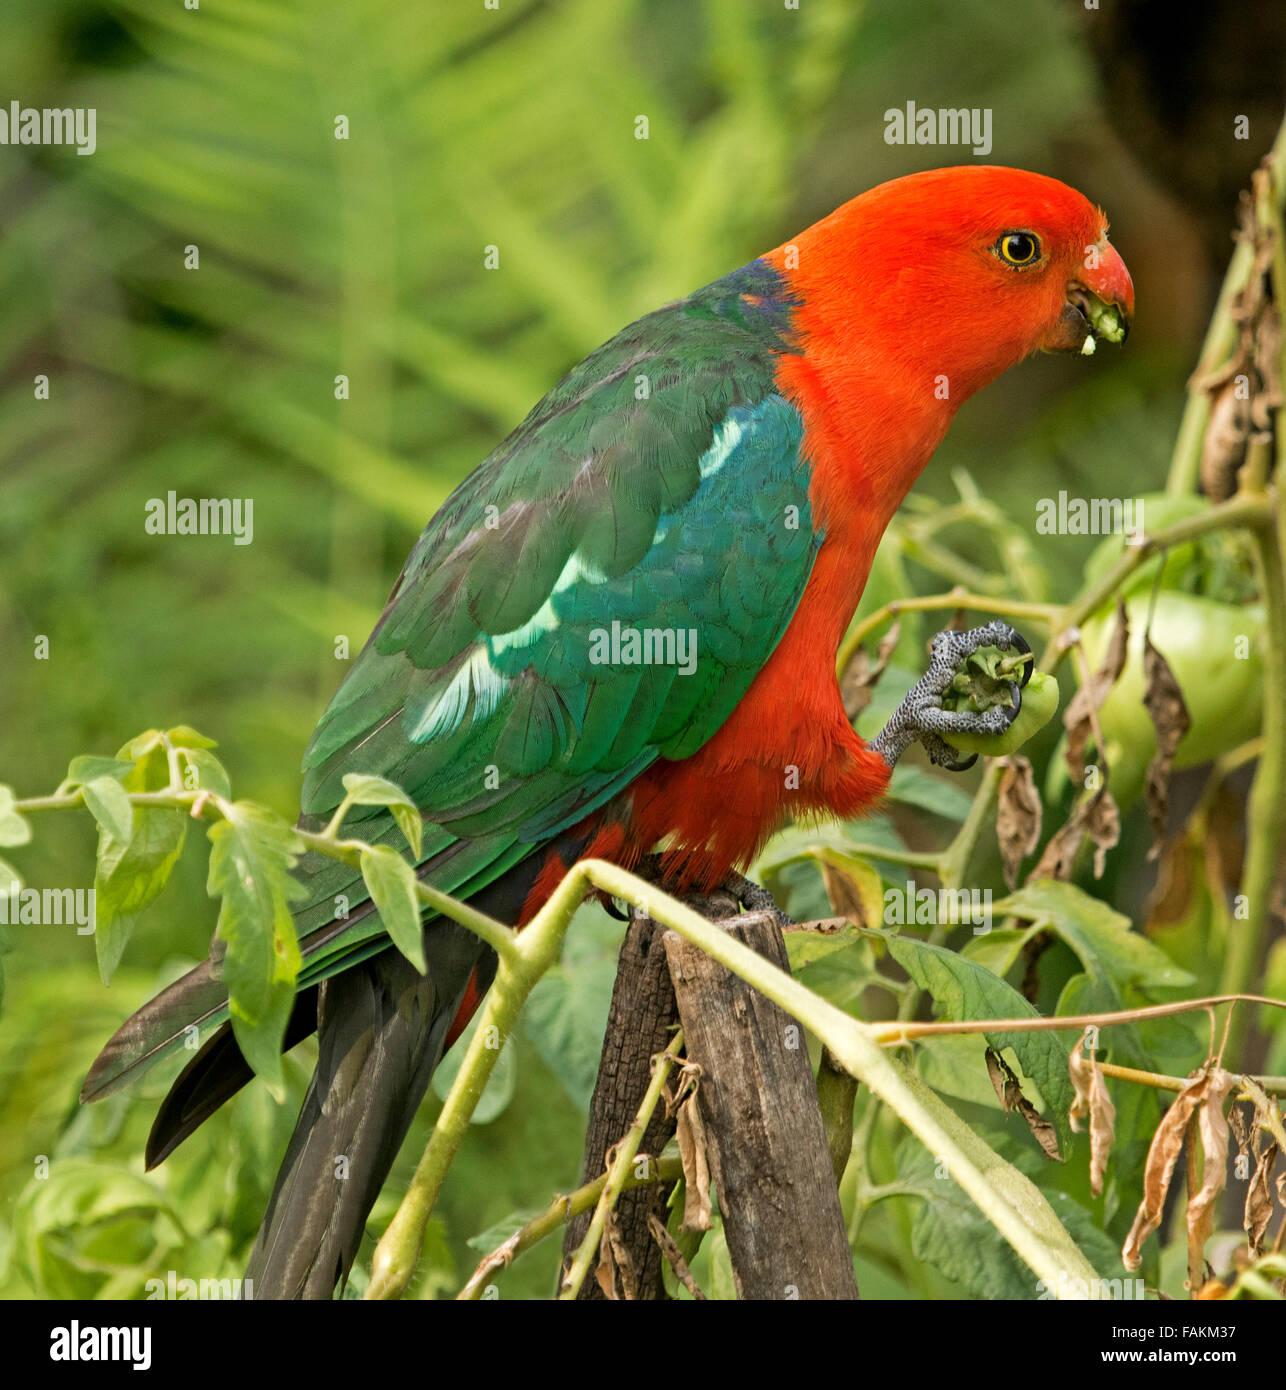 Spettacolare rosso vivace e verde re maschio pappagallo Alisterus scapularis sul post di mangiare pomodoro verde Immagini Stock